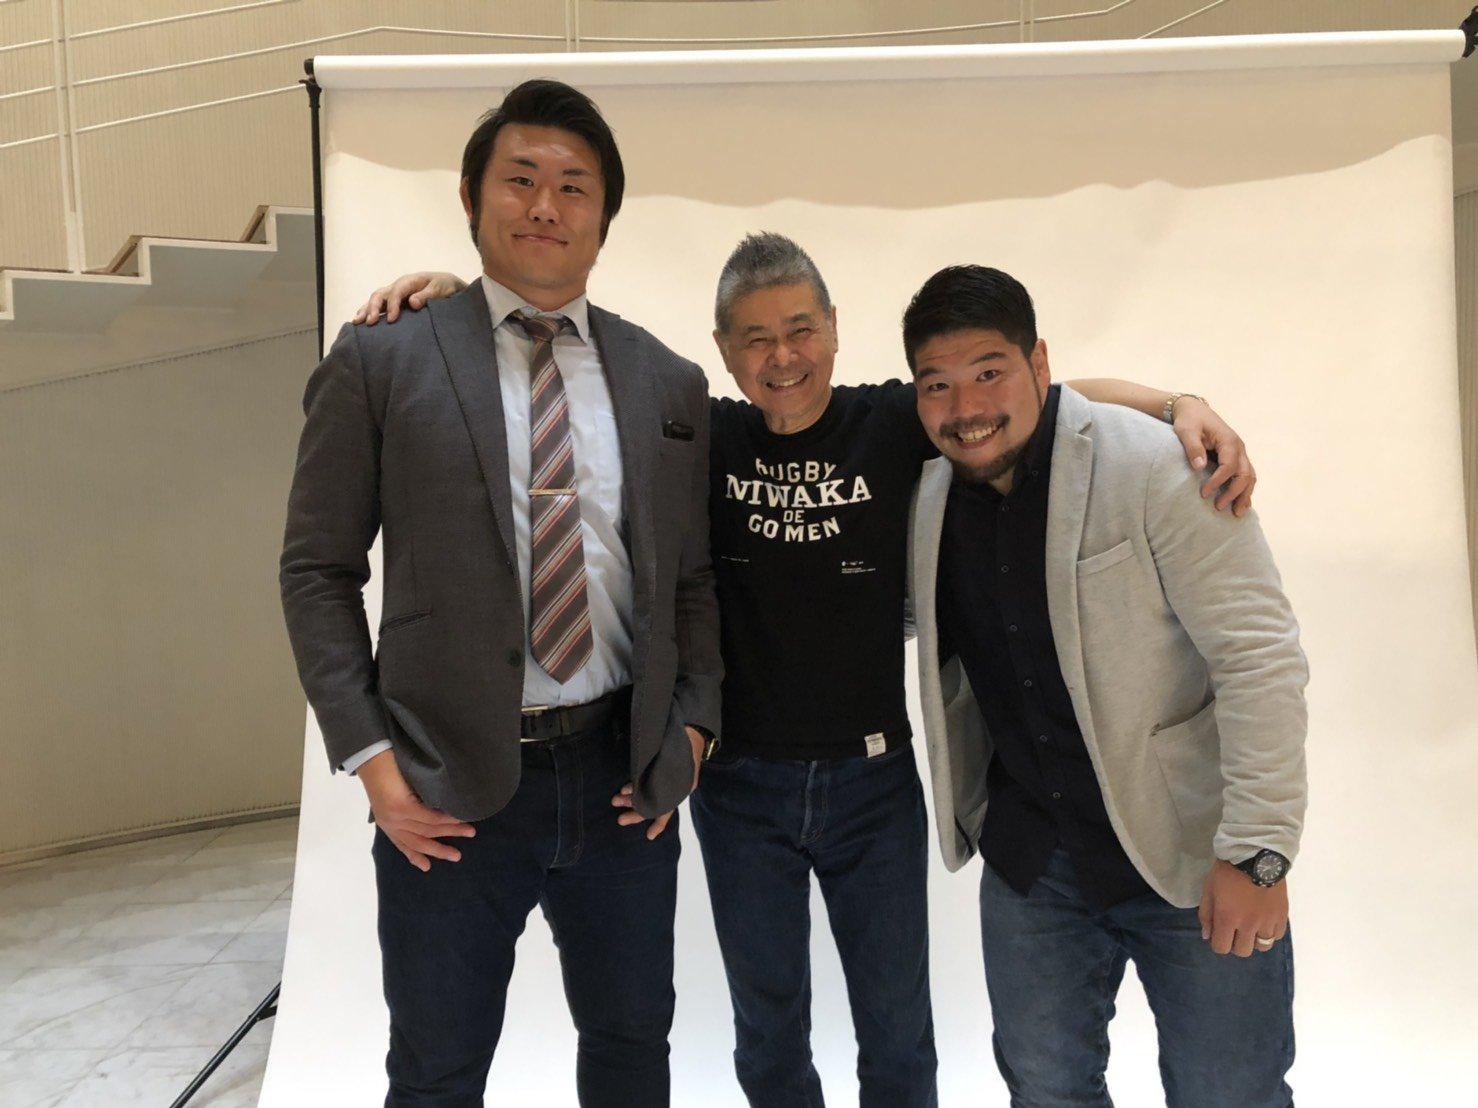 糸井さんと座談会